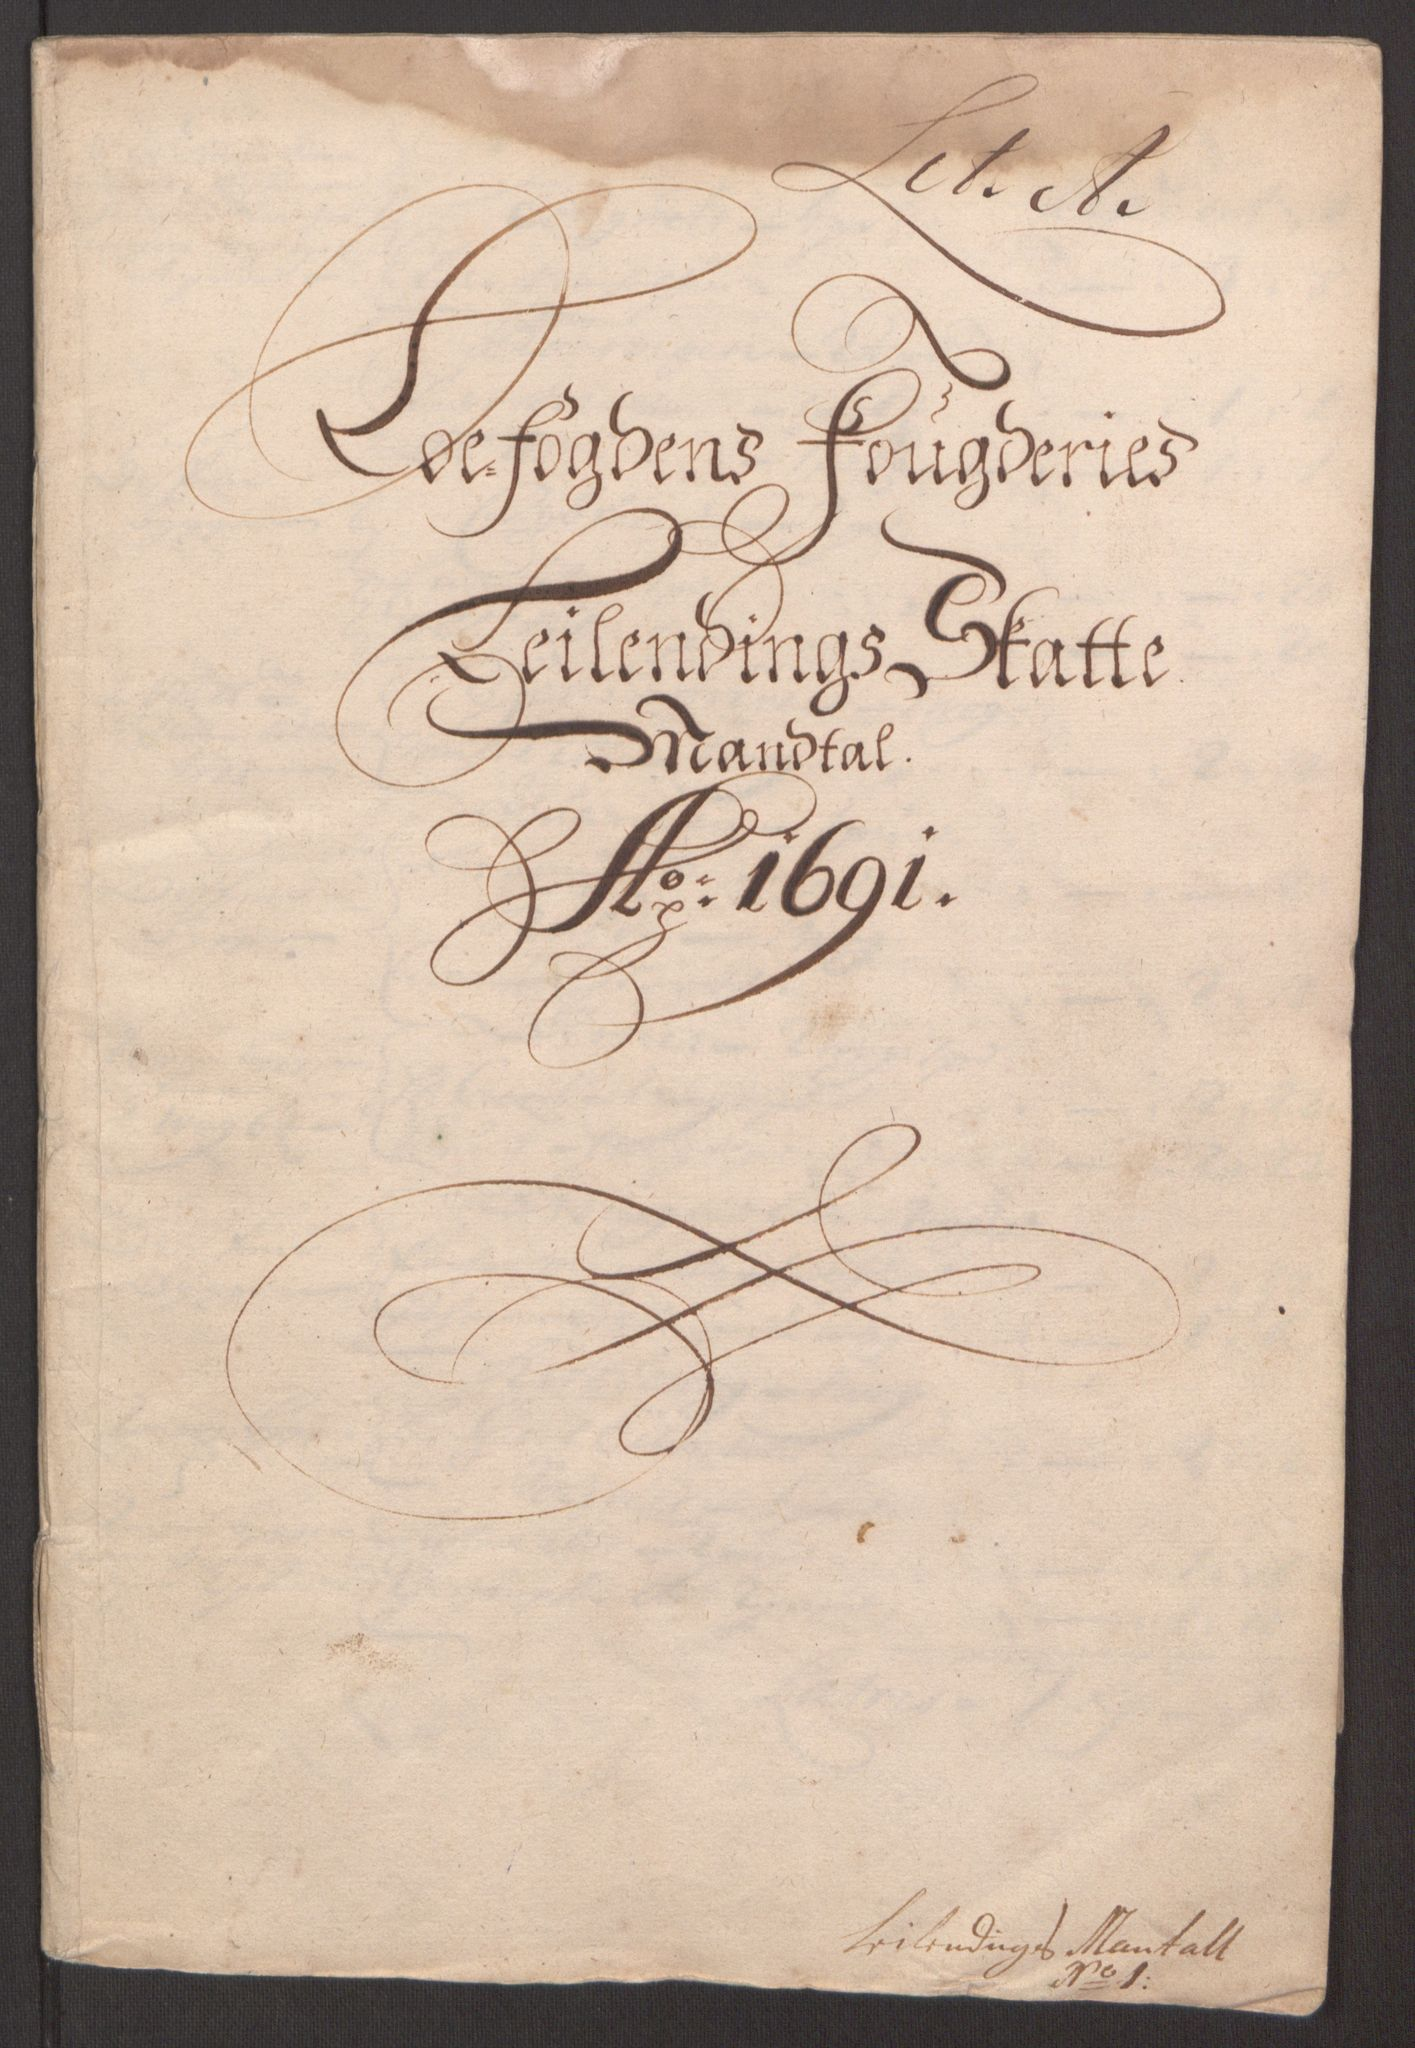 RA, Rentekammeret inntil 1814, Reviderte regnskaper, Fogderegnskap, R67/L4675: Fogderegnskap Vesterålen, Andenes og Lofoten, 1691-1693, s. 8